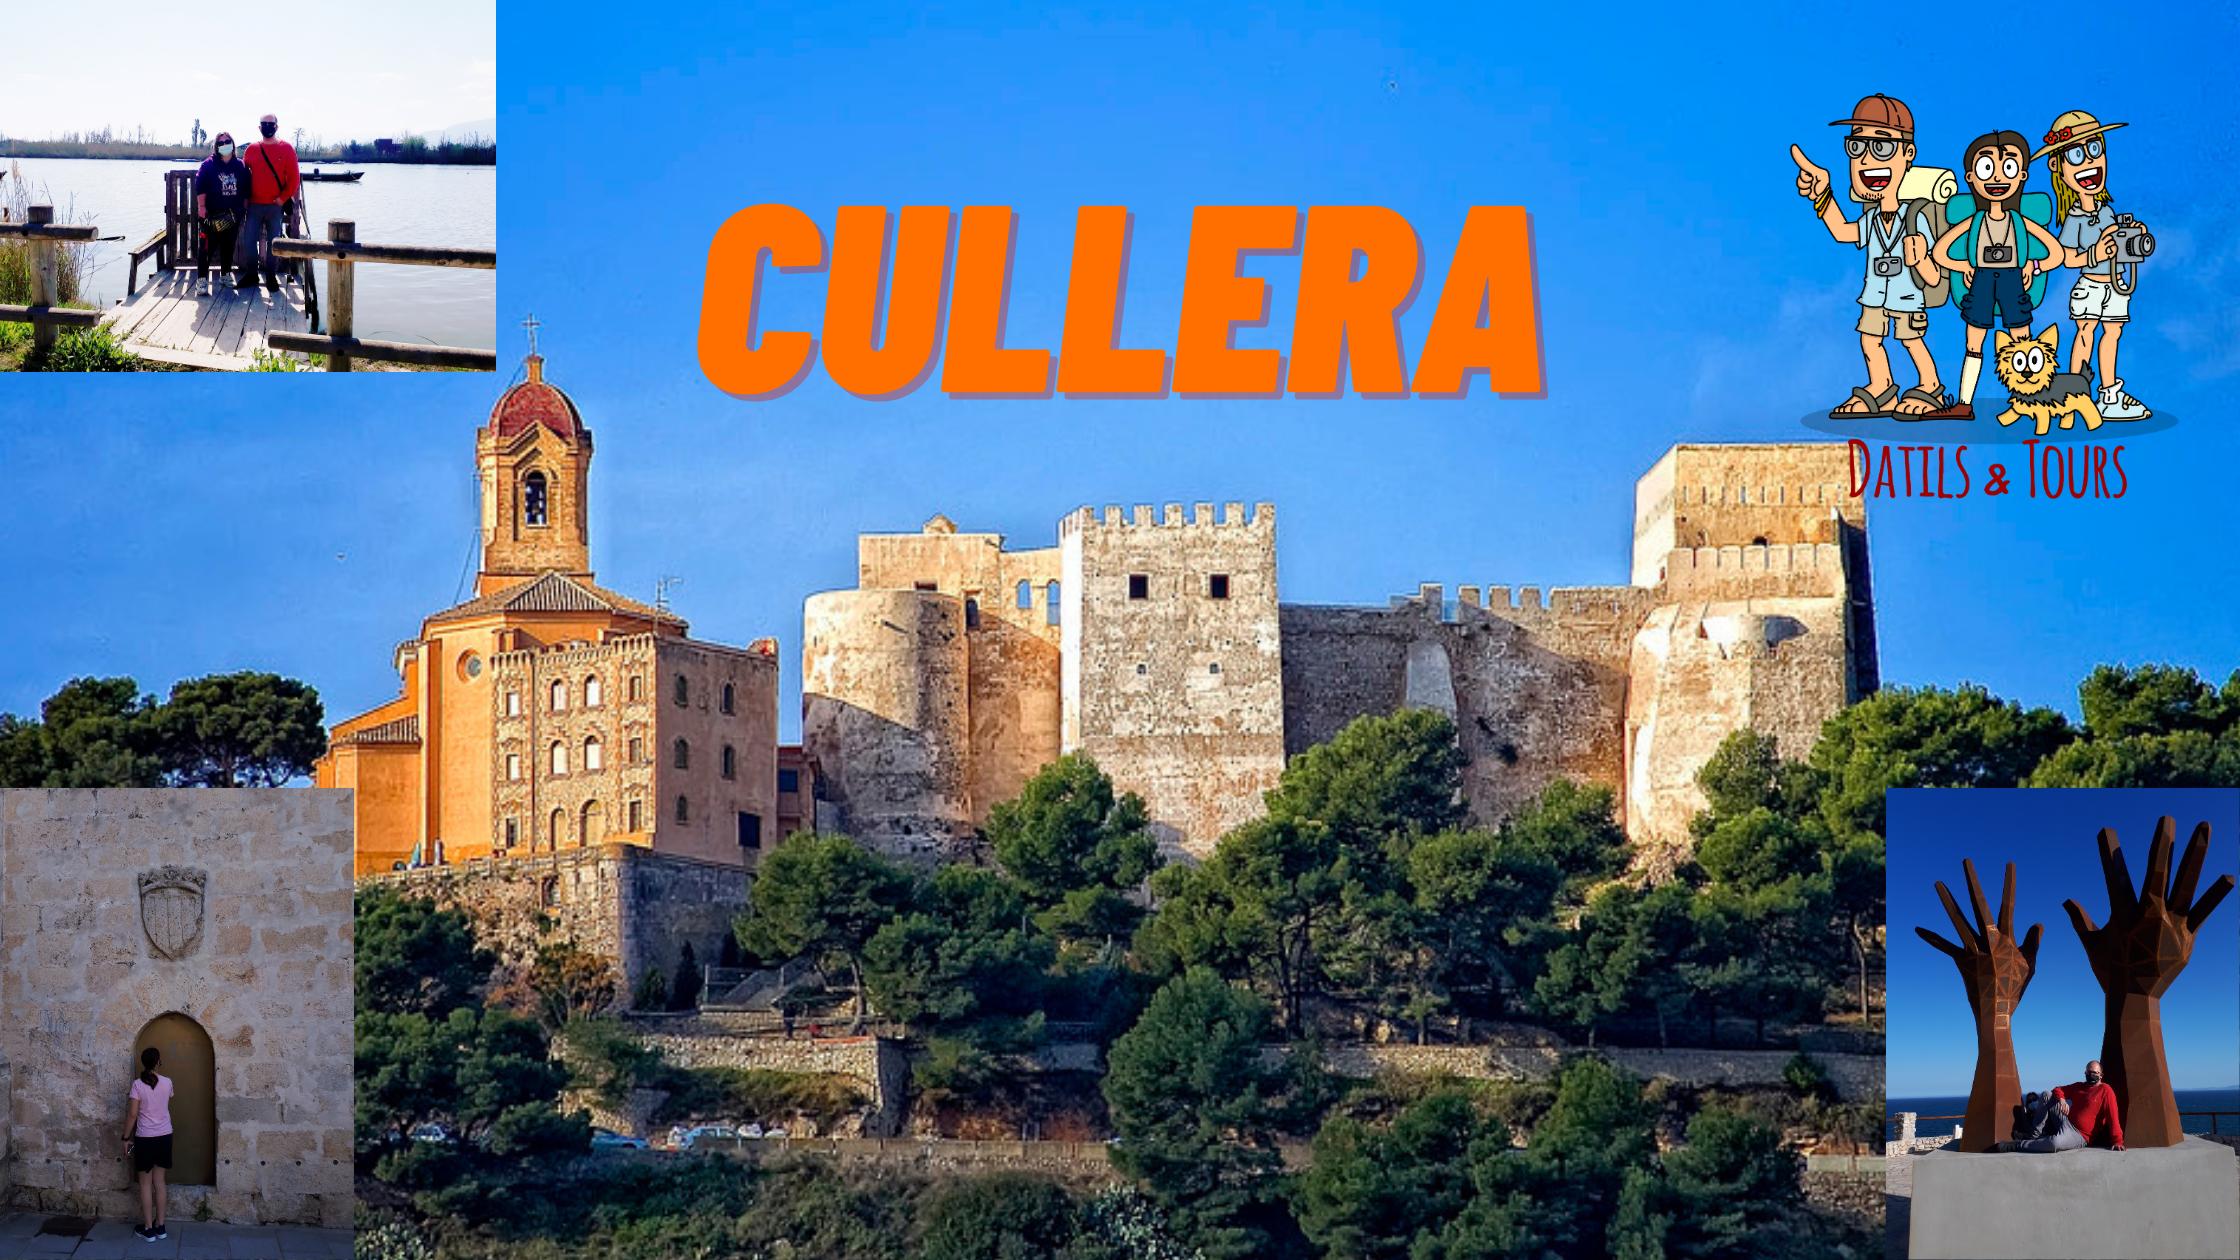 qué ver en Cullera